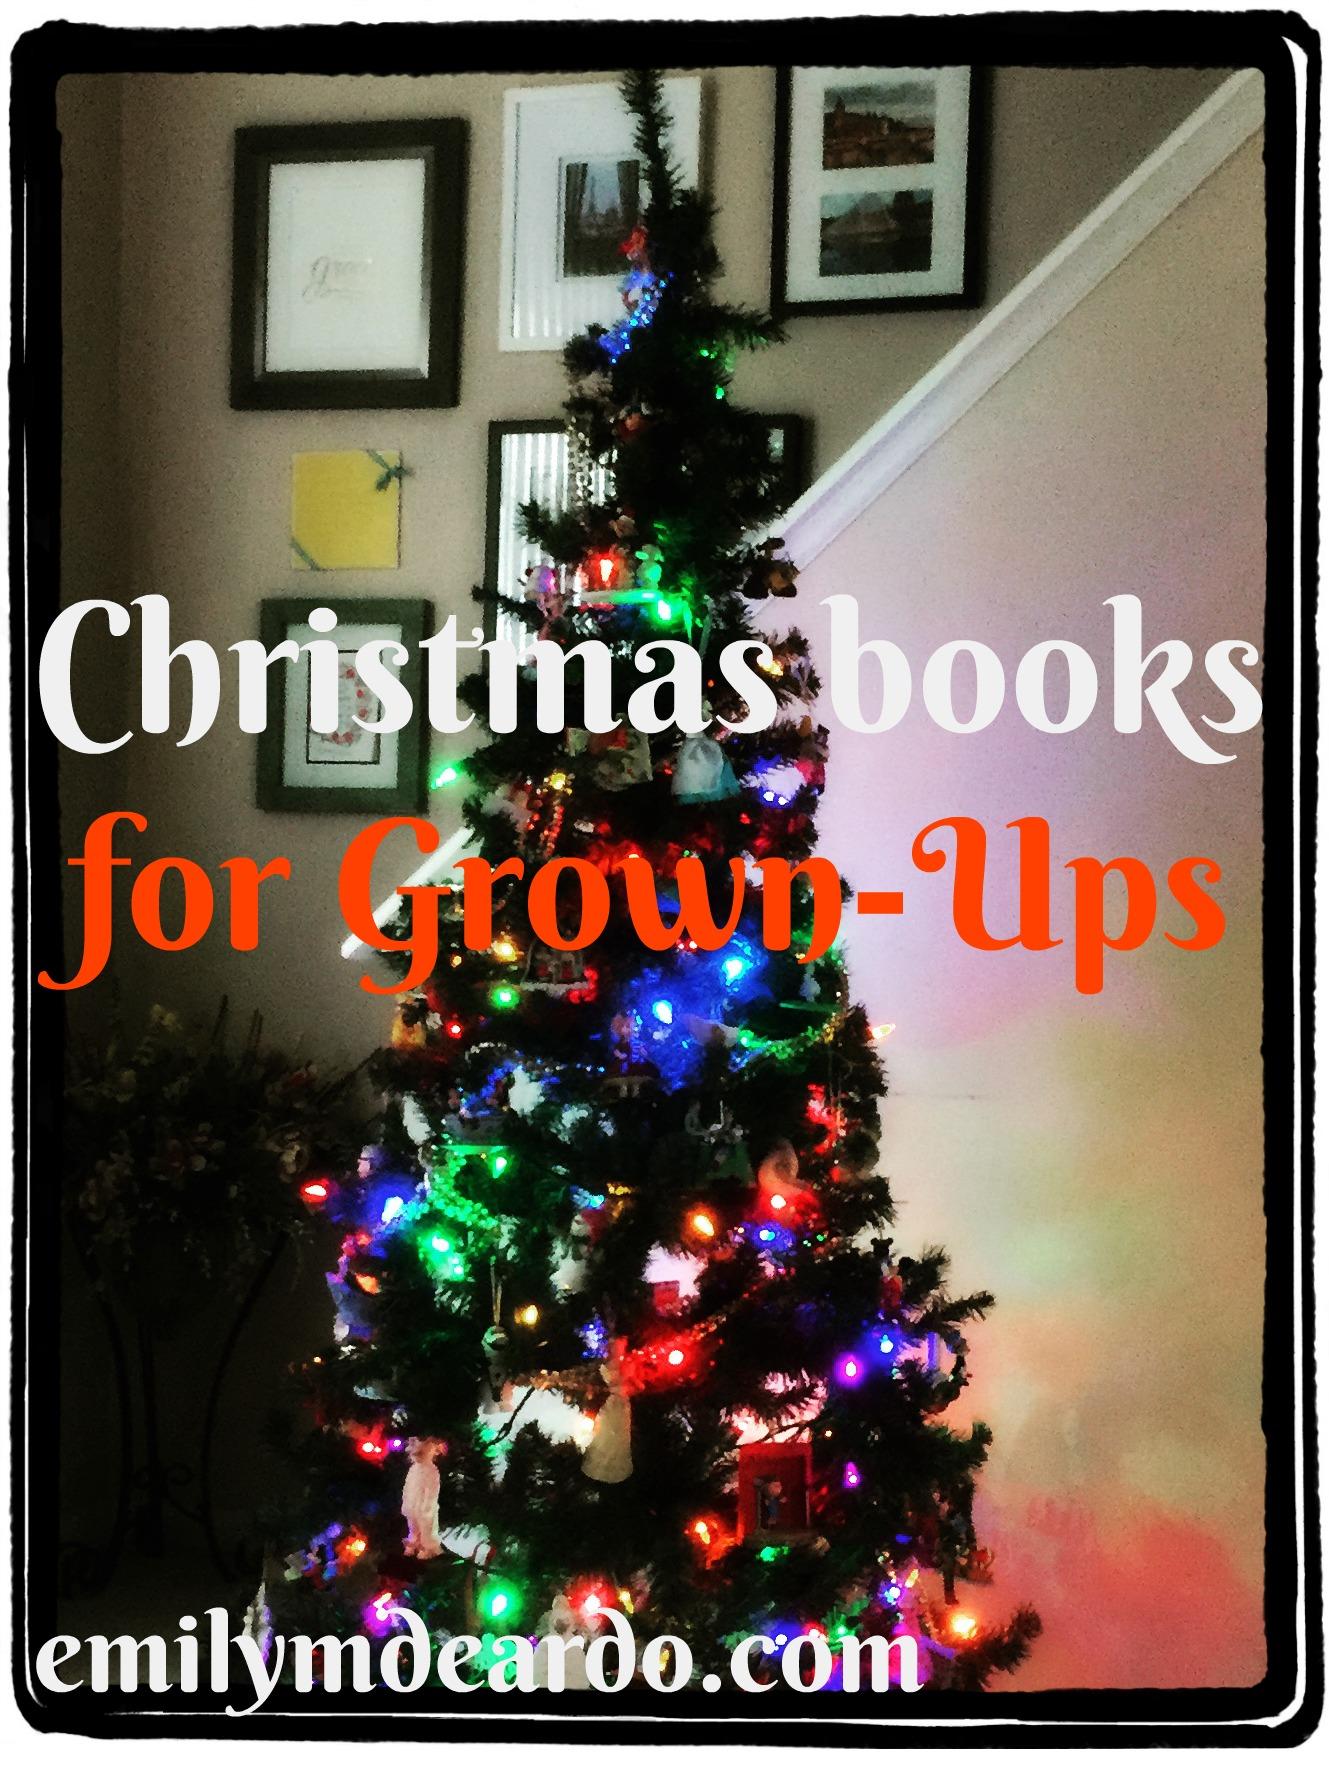 christmas books for grownups tag .jpg